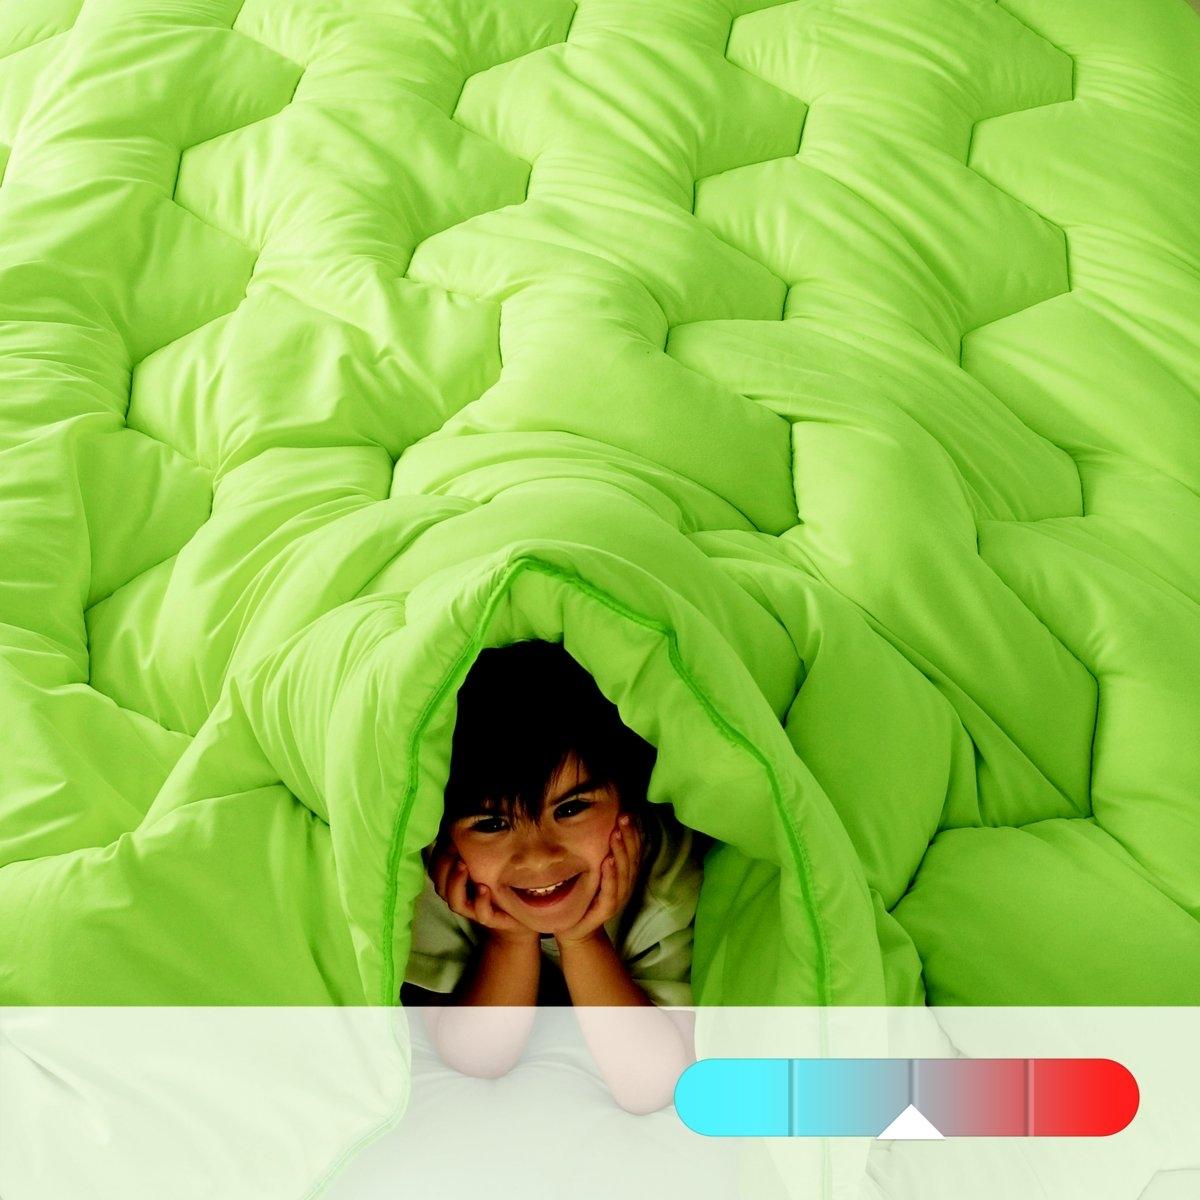 Одеяло R?verie Color, 300 г/м?Одеяло R?verie Color. Пододеяльник больше не нужен! Плотность 300 г/м?: одеяло средней плотности, идеально при температуре воздуха в комнате 15-20°. Наполнитель: 100% полиэстера, полые силиконизированные волокна. Простежка шестиугольниками в тон, отделка кантом, двойная отстрочка. Чехол: 50% полиэстера, 50% хлопка. Грязеотталкивающая обработка Teflon. Контрастная отделка кантом. Стирка при 60°. Поставка в чехле.<br><br>Цвет: зеленый анис,фиалковый,шоколадно-каштановый